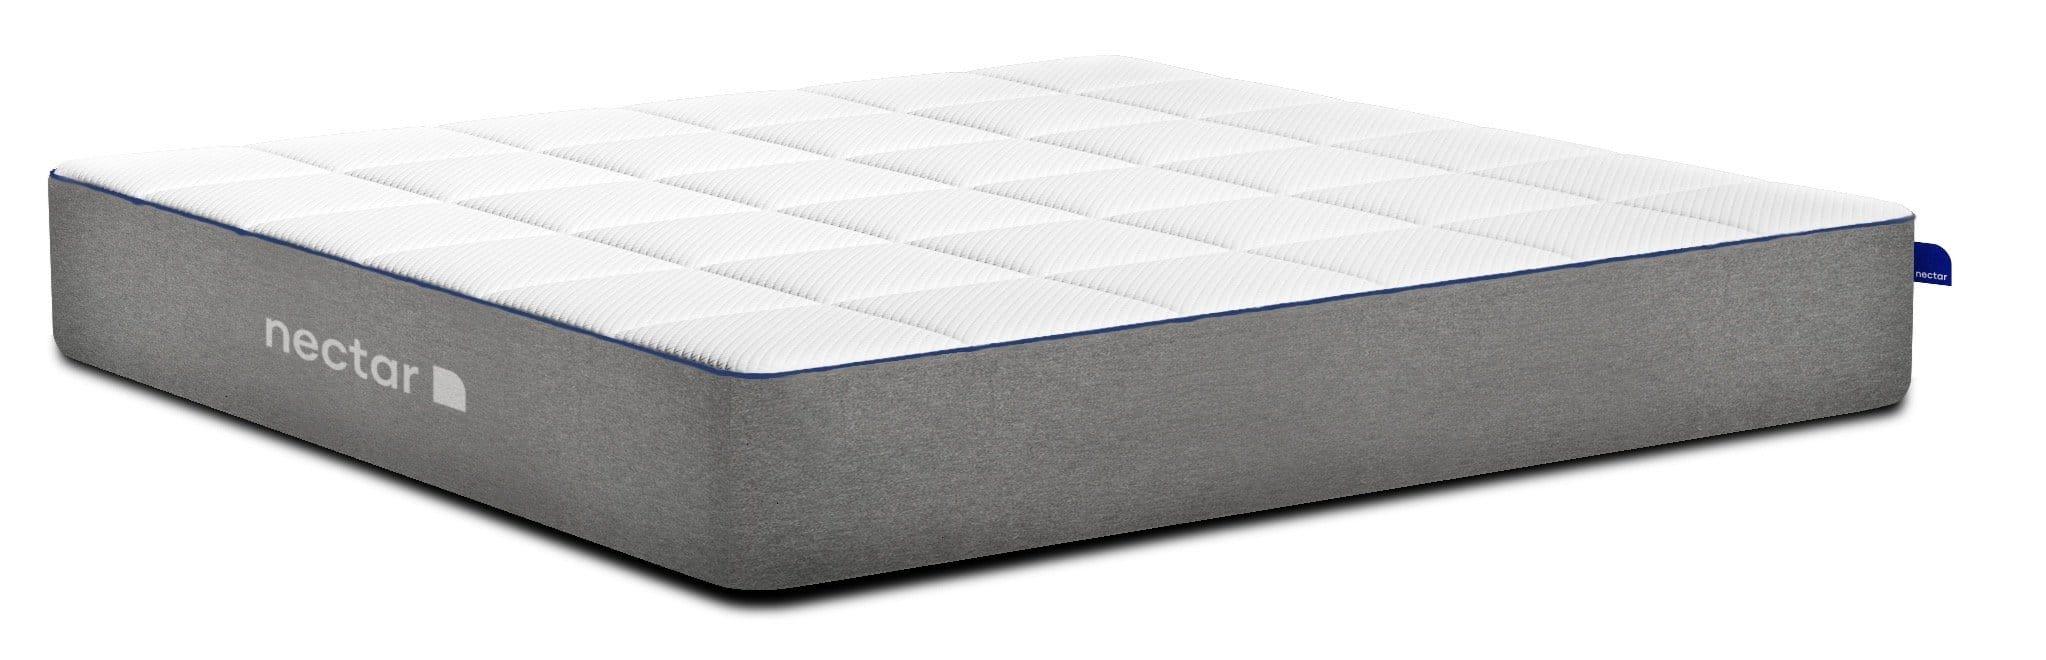 Nectar mattress - Bed Tester